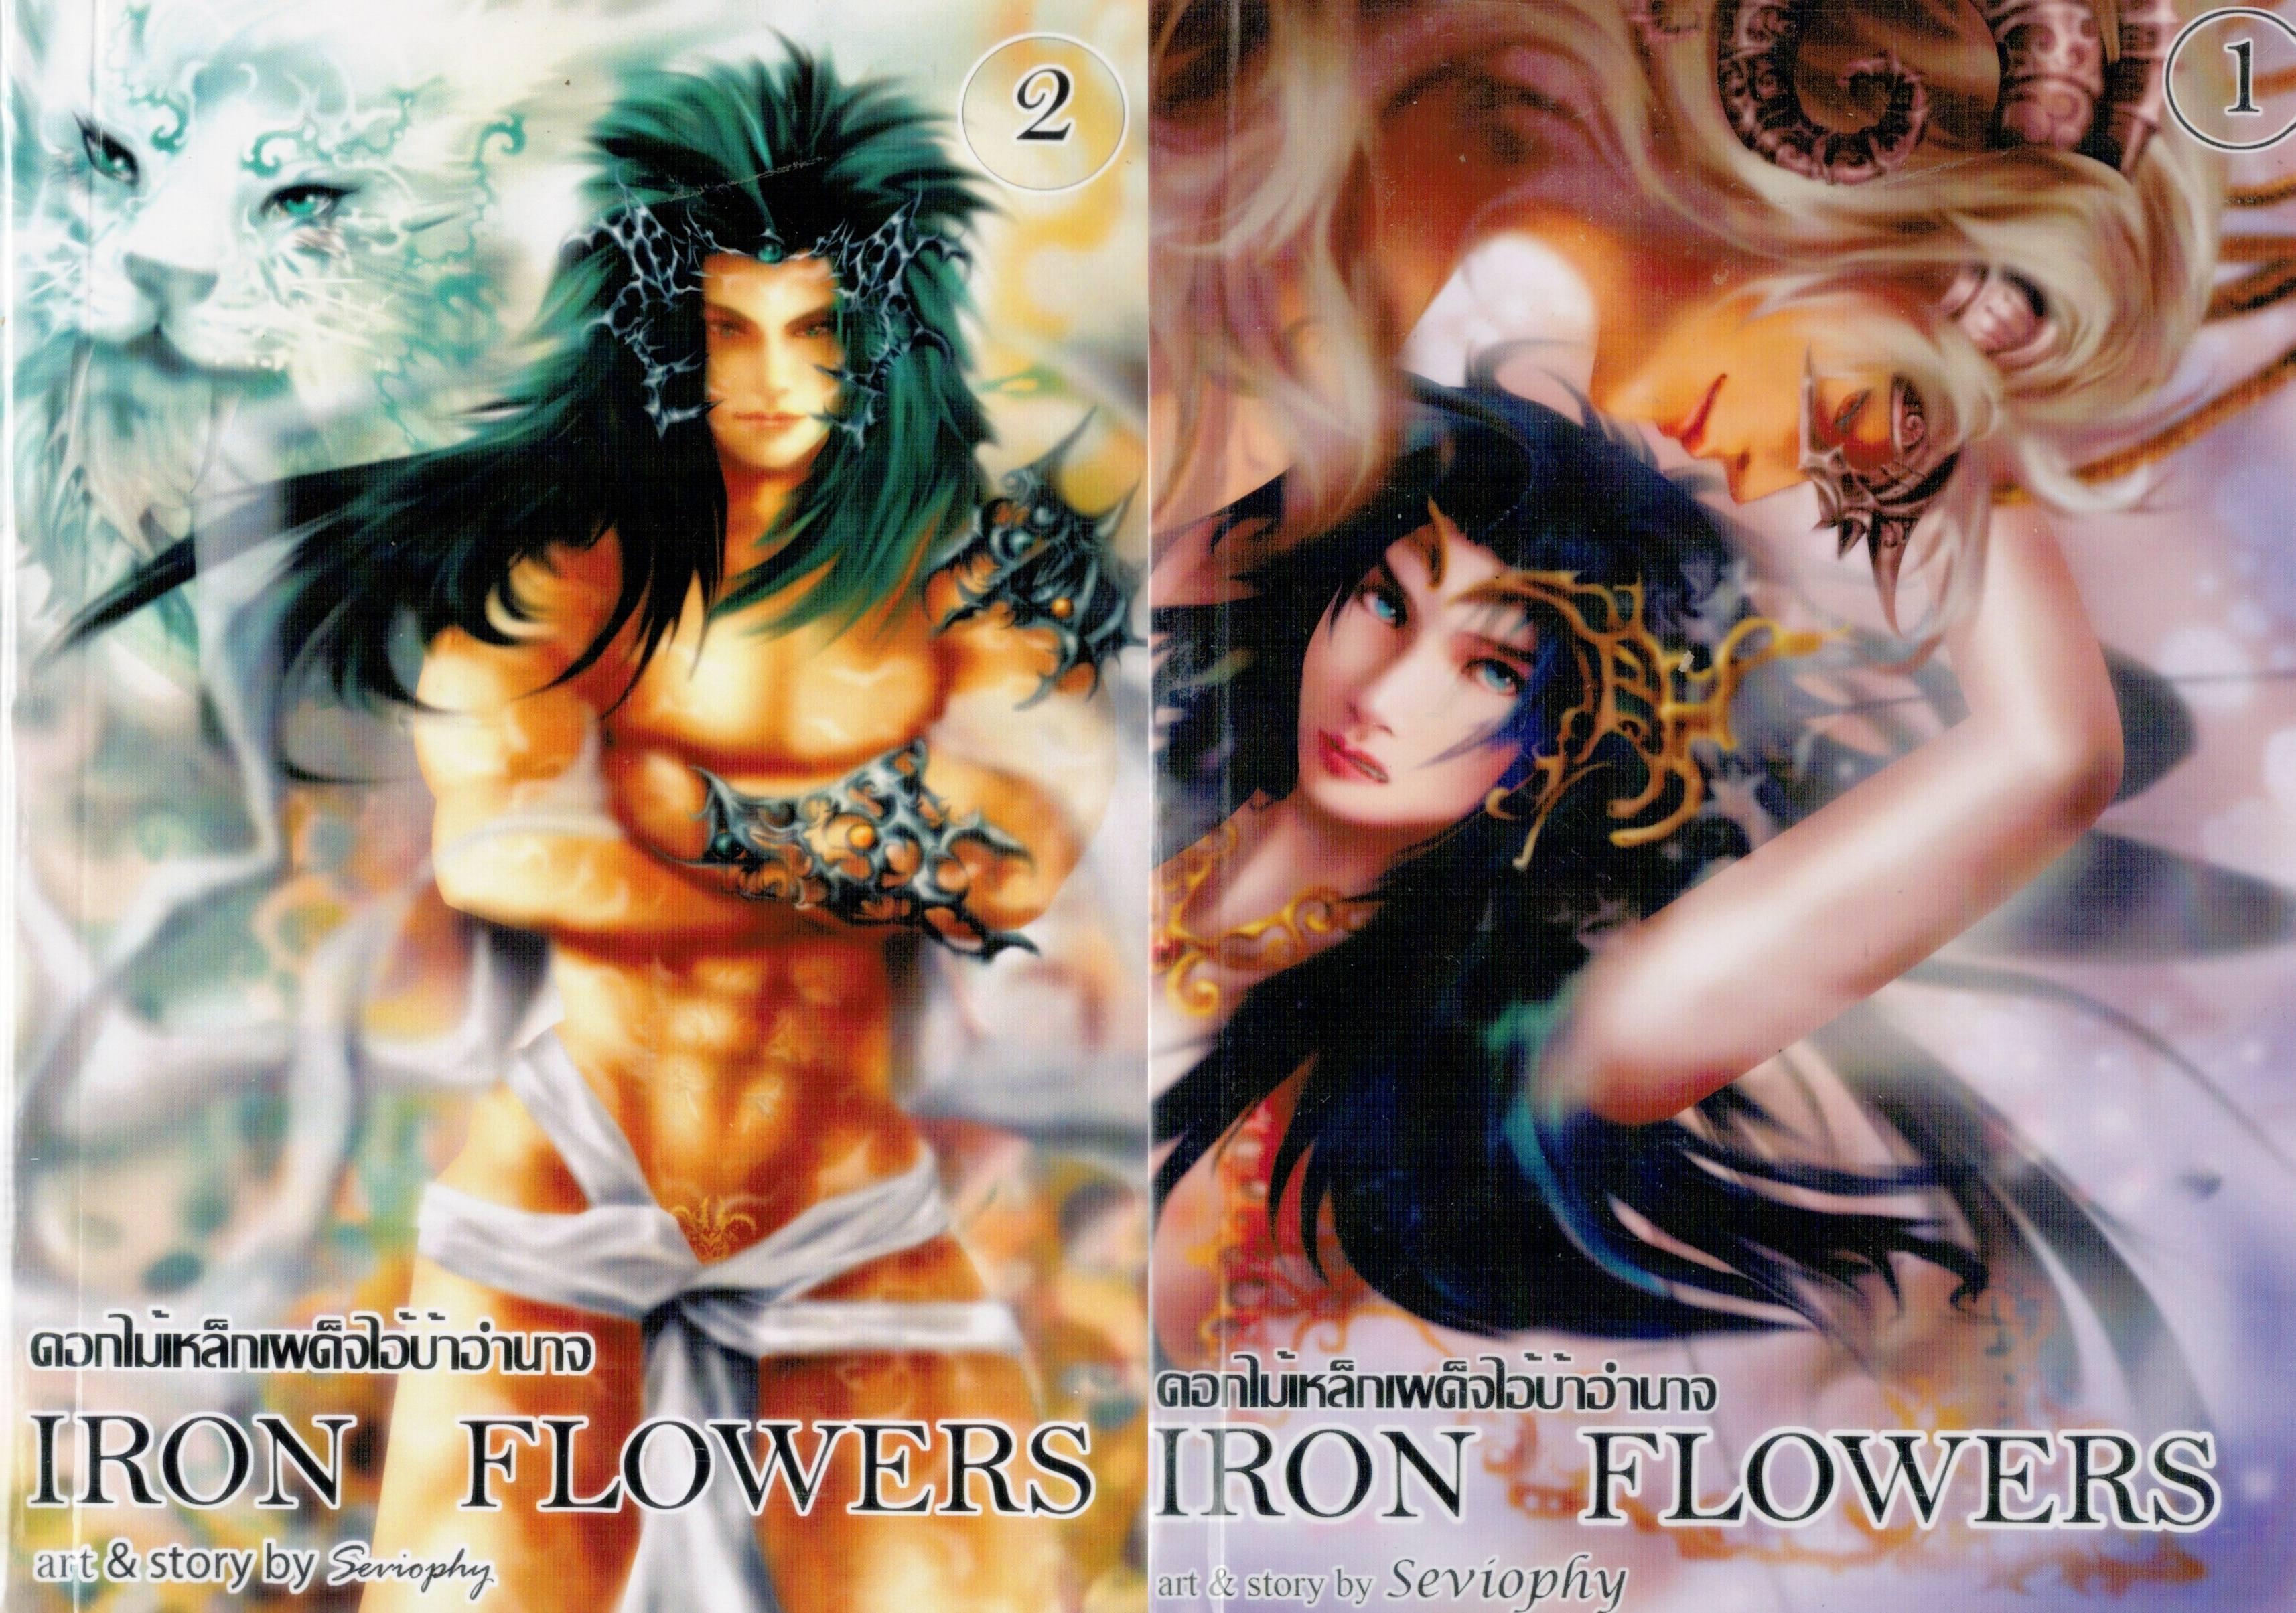 ดอกไม้เหล็กเผด็จไอ้บ้าอำนาจ Iron Flowers ภาค1 - 2 เล่มจบ